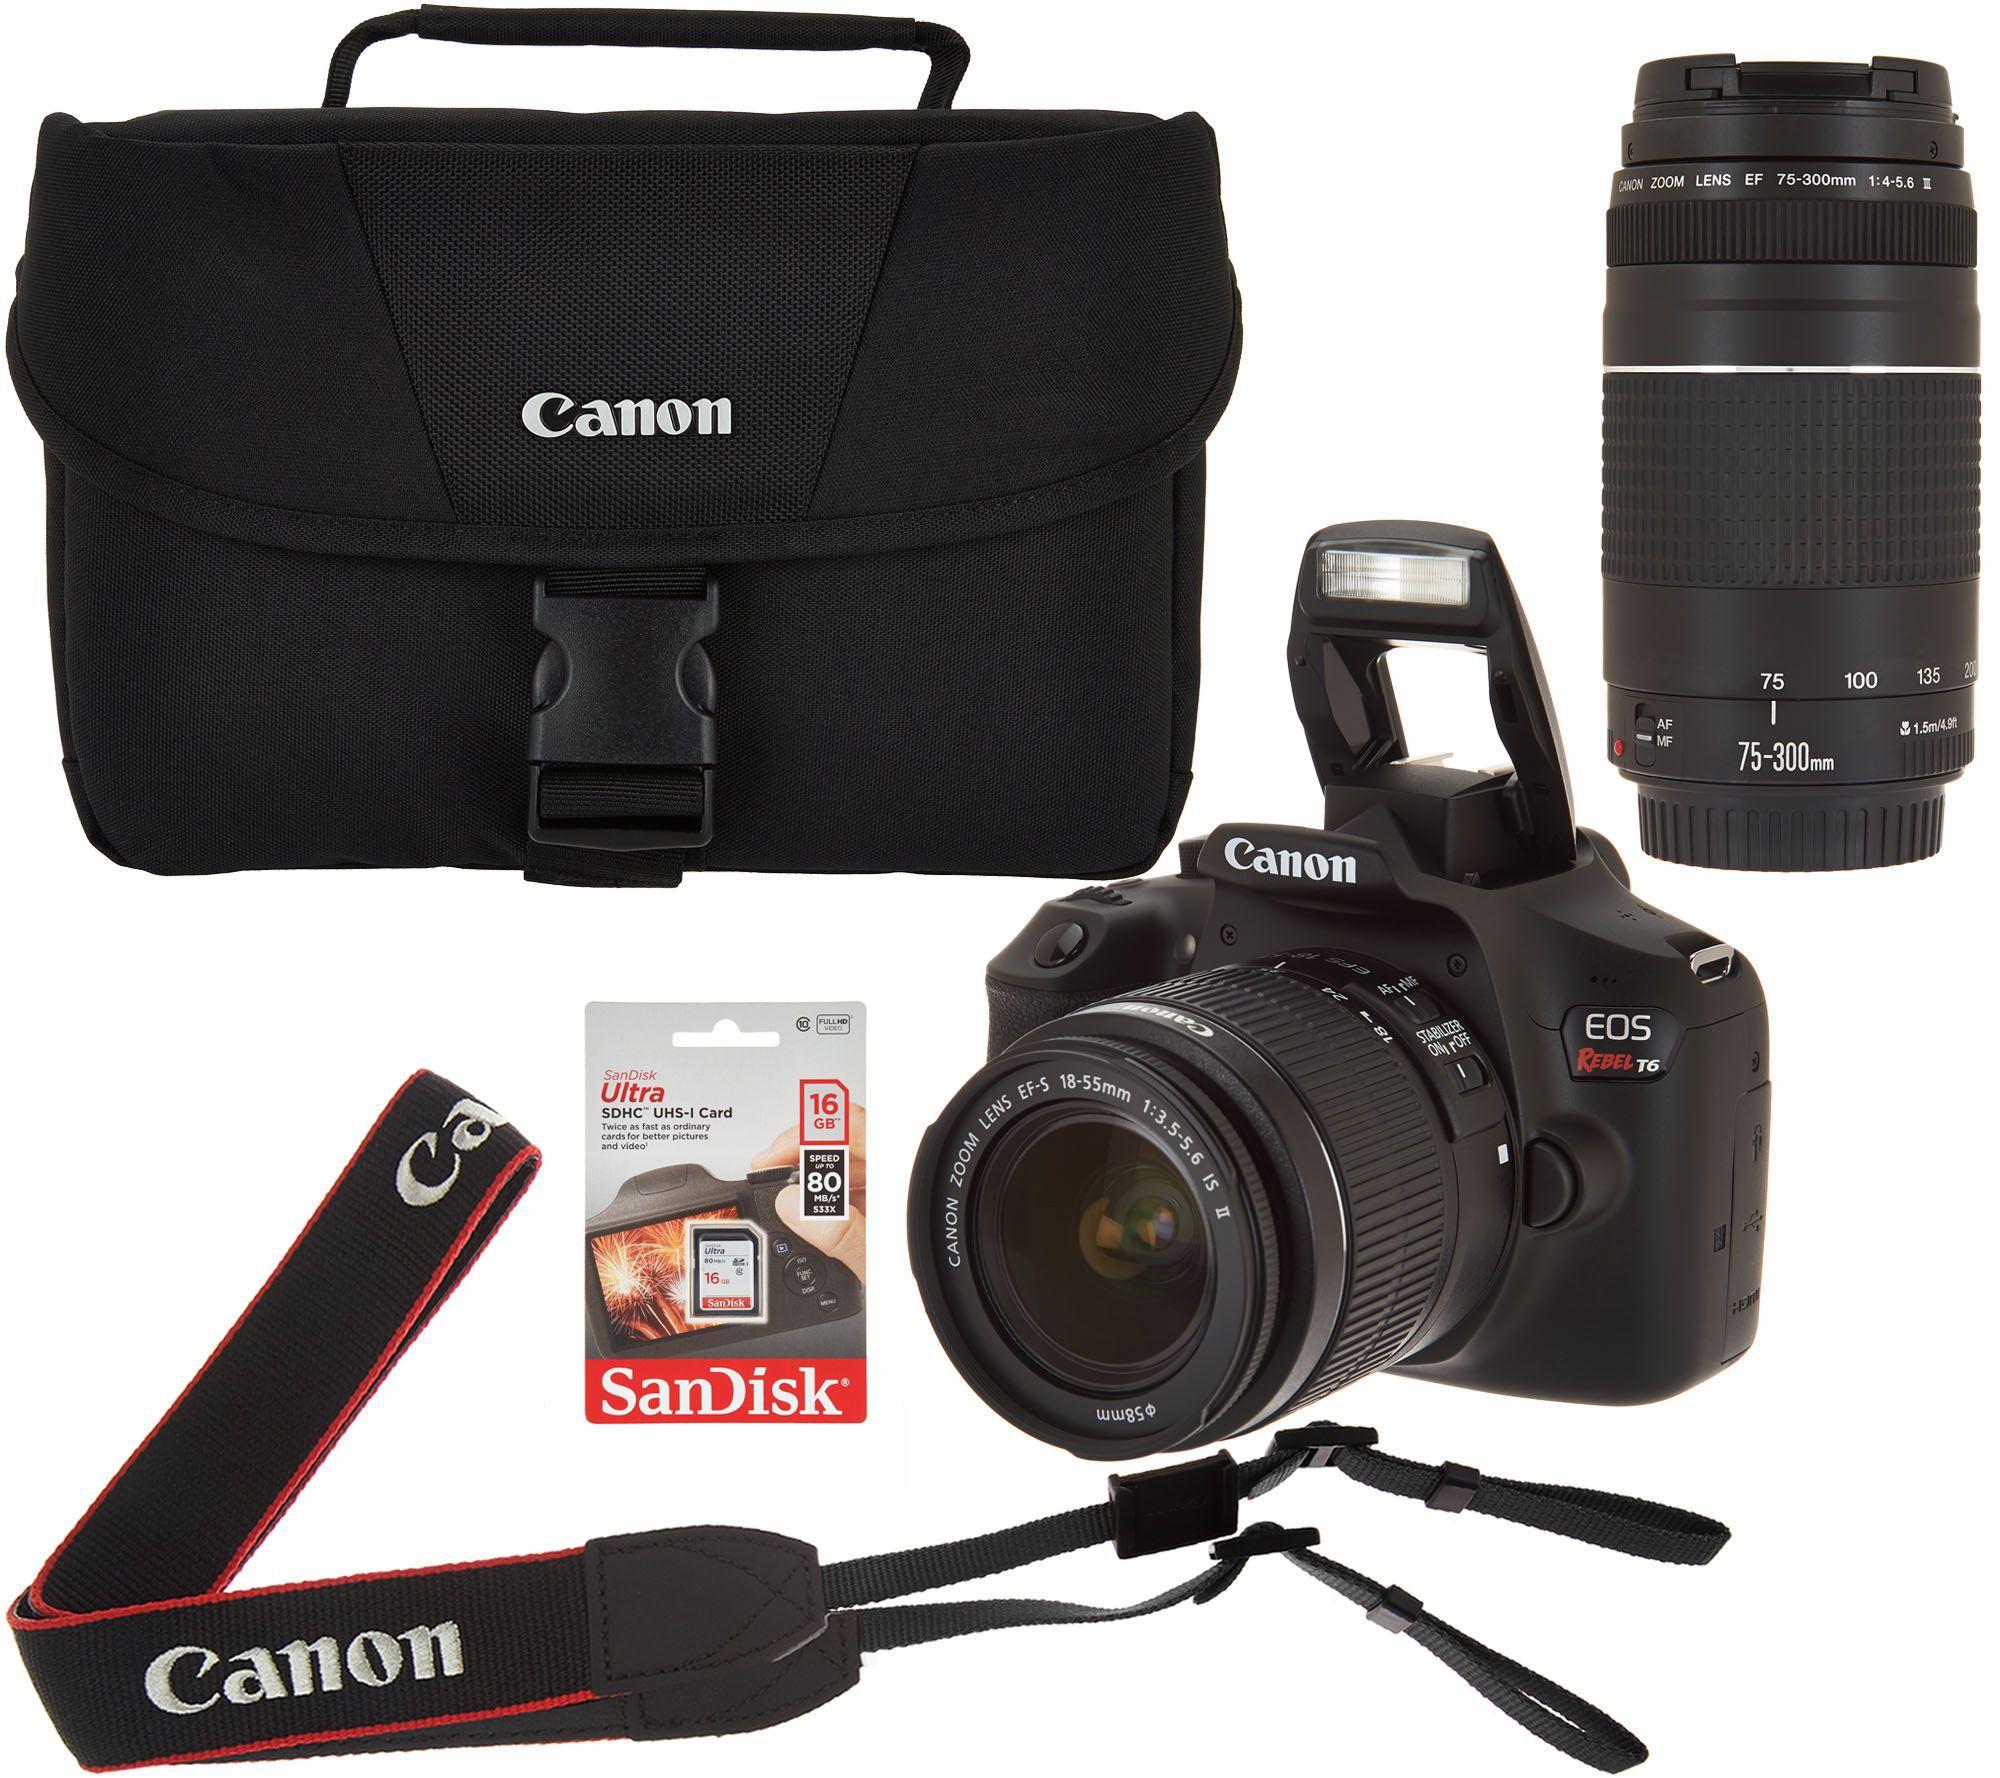 Canon Rebel camera with accessories